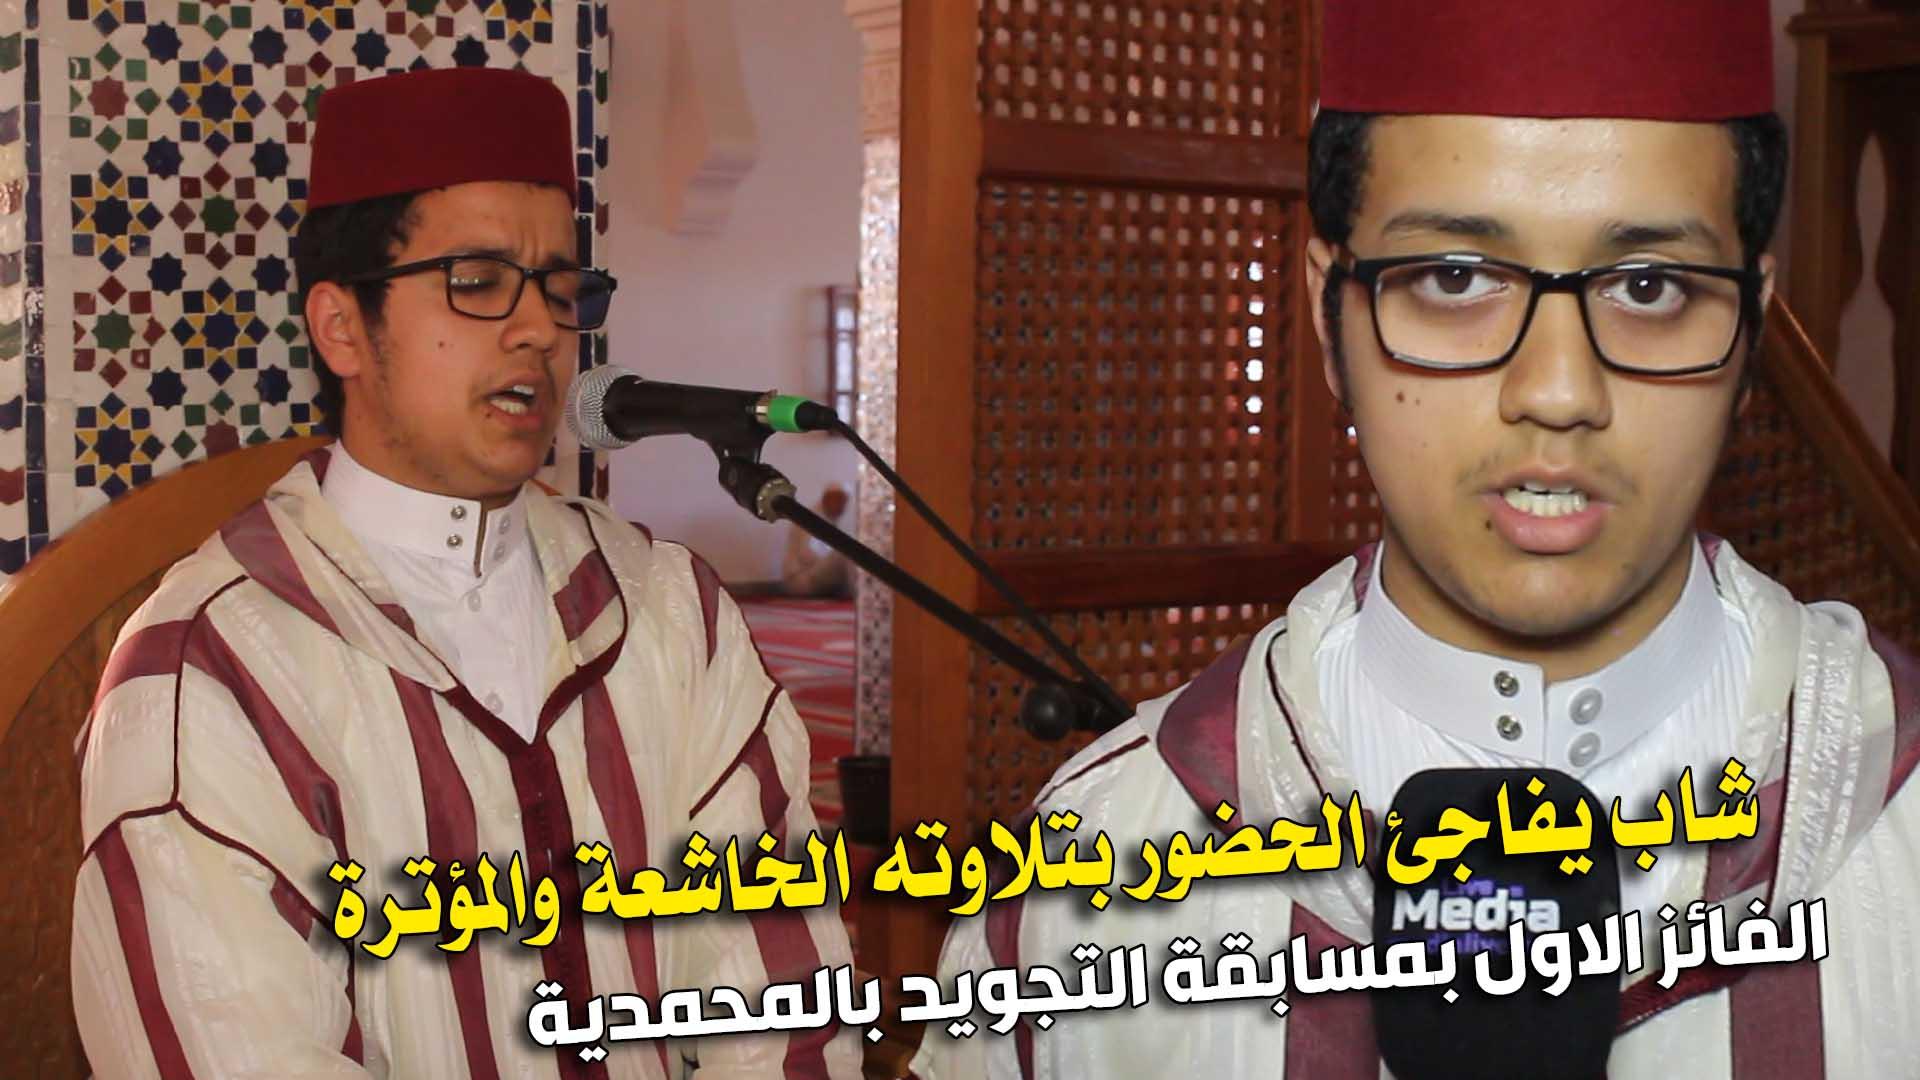 شاب يفاجئ الحضور بتلاوته الخاشعة .. ويفوز بالمرتبة الاولى بمسابقة التجويد بالمحمدية